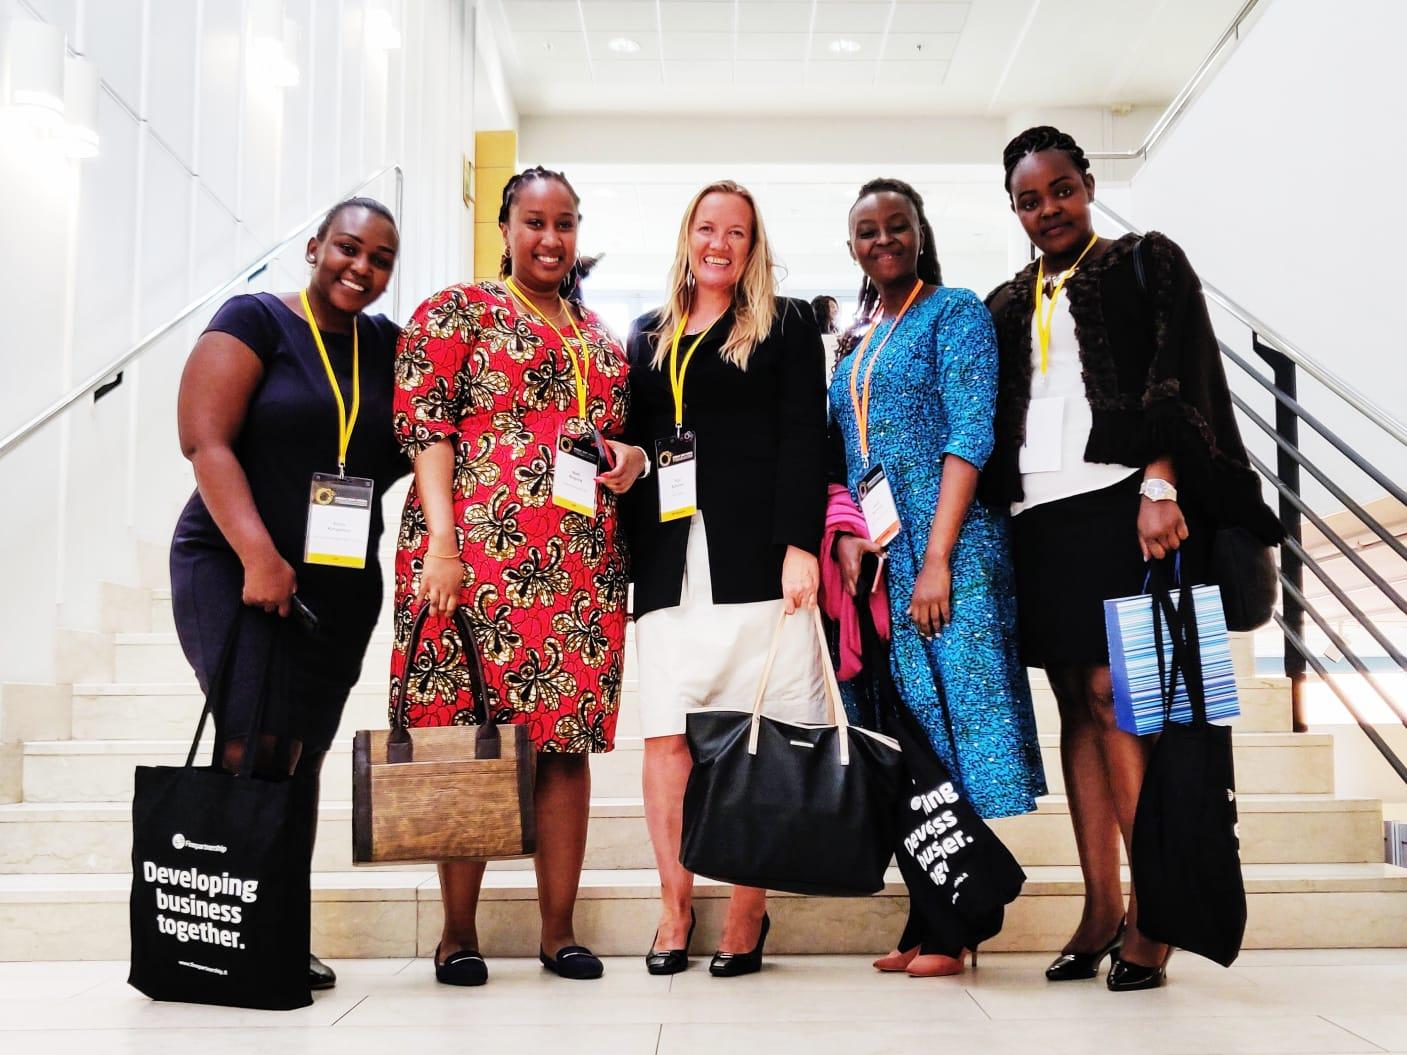 Pirjo Suhonen neljän afrikkalaisen kollegan kanssa konferenssissa.